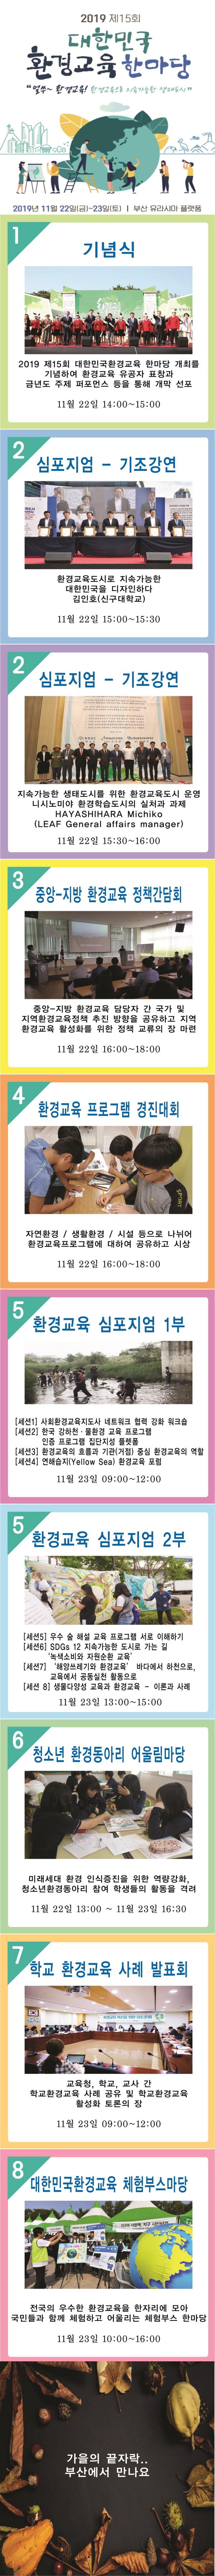 크기변환_교육센터-카드뉴스.jpg